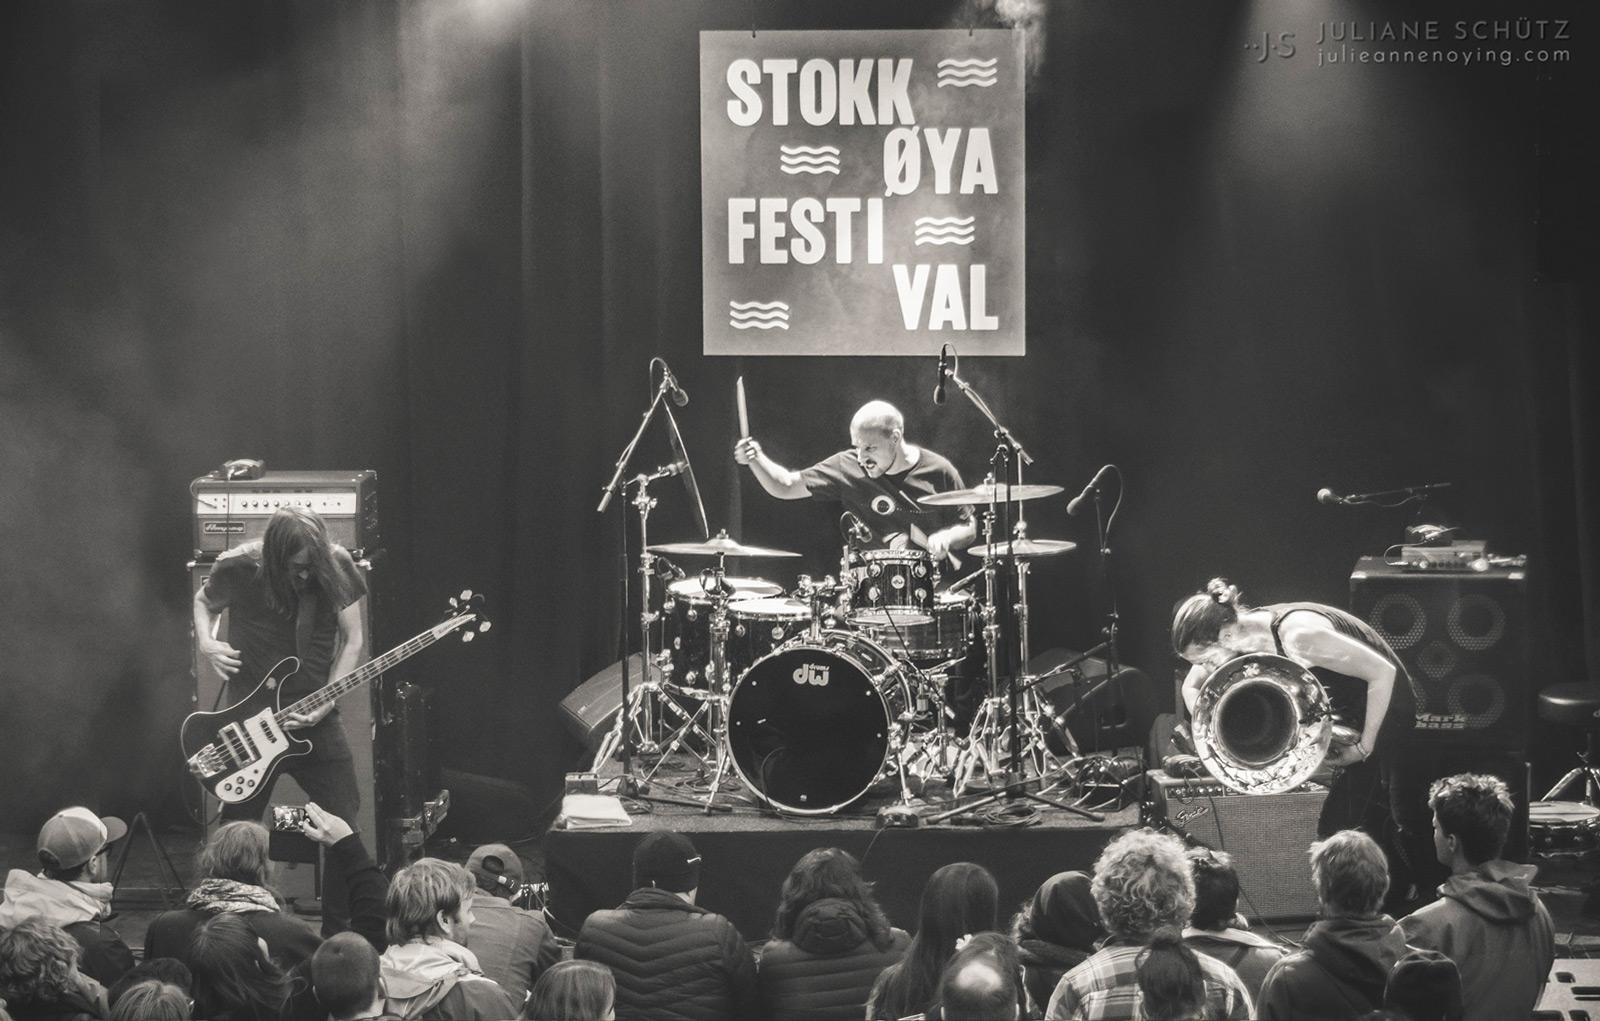 Sunswitch @ Stokkøya Festival